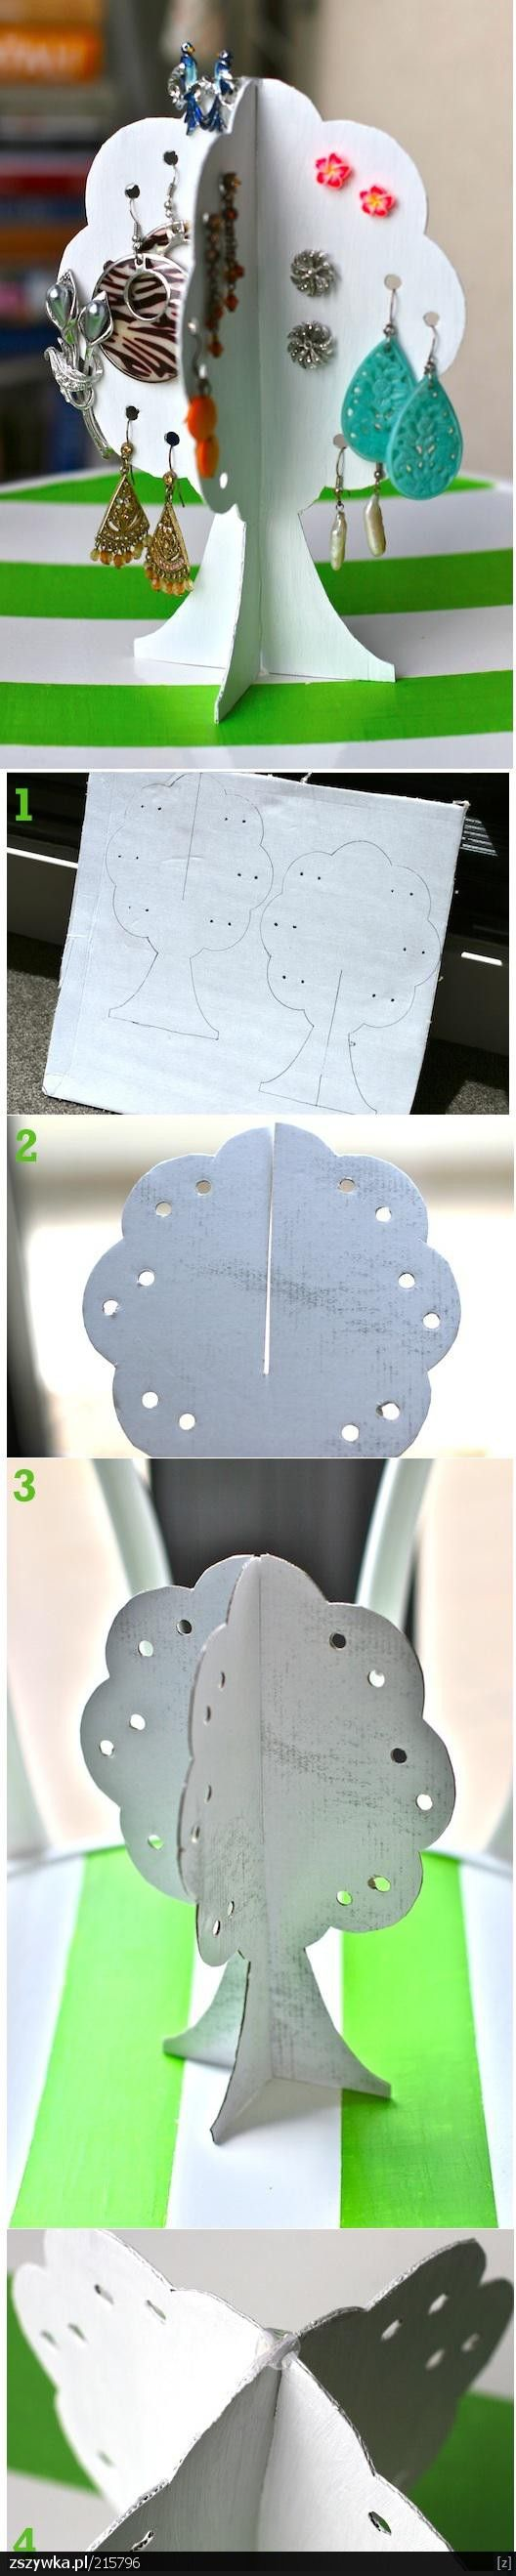 http://img.zszywka.pl/0/0021/w_5796/DIY-Handmade/wieszak-na-kolczyki.jpg